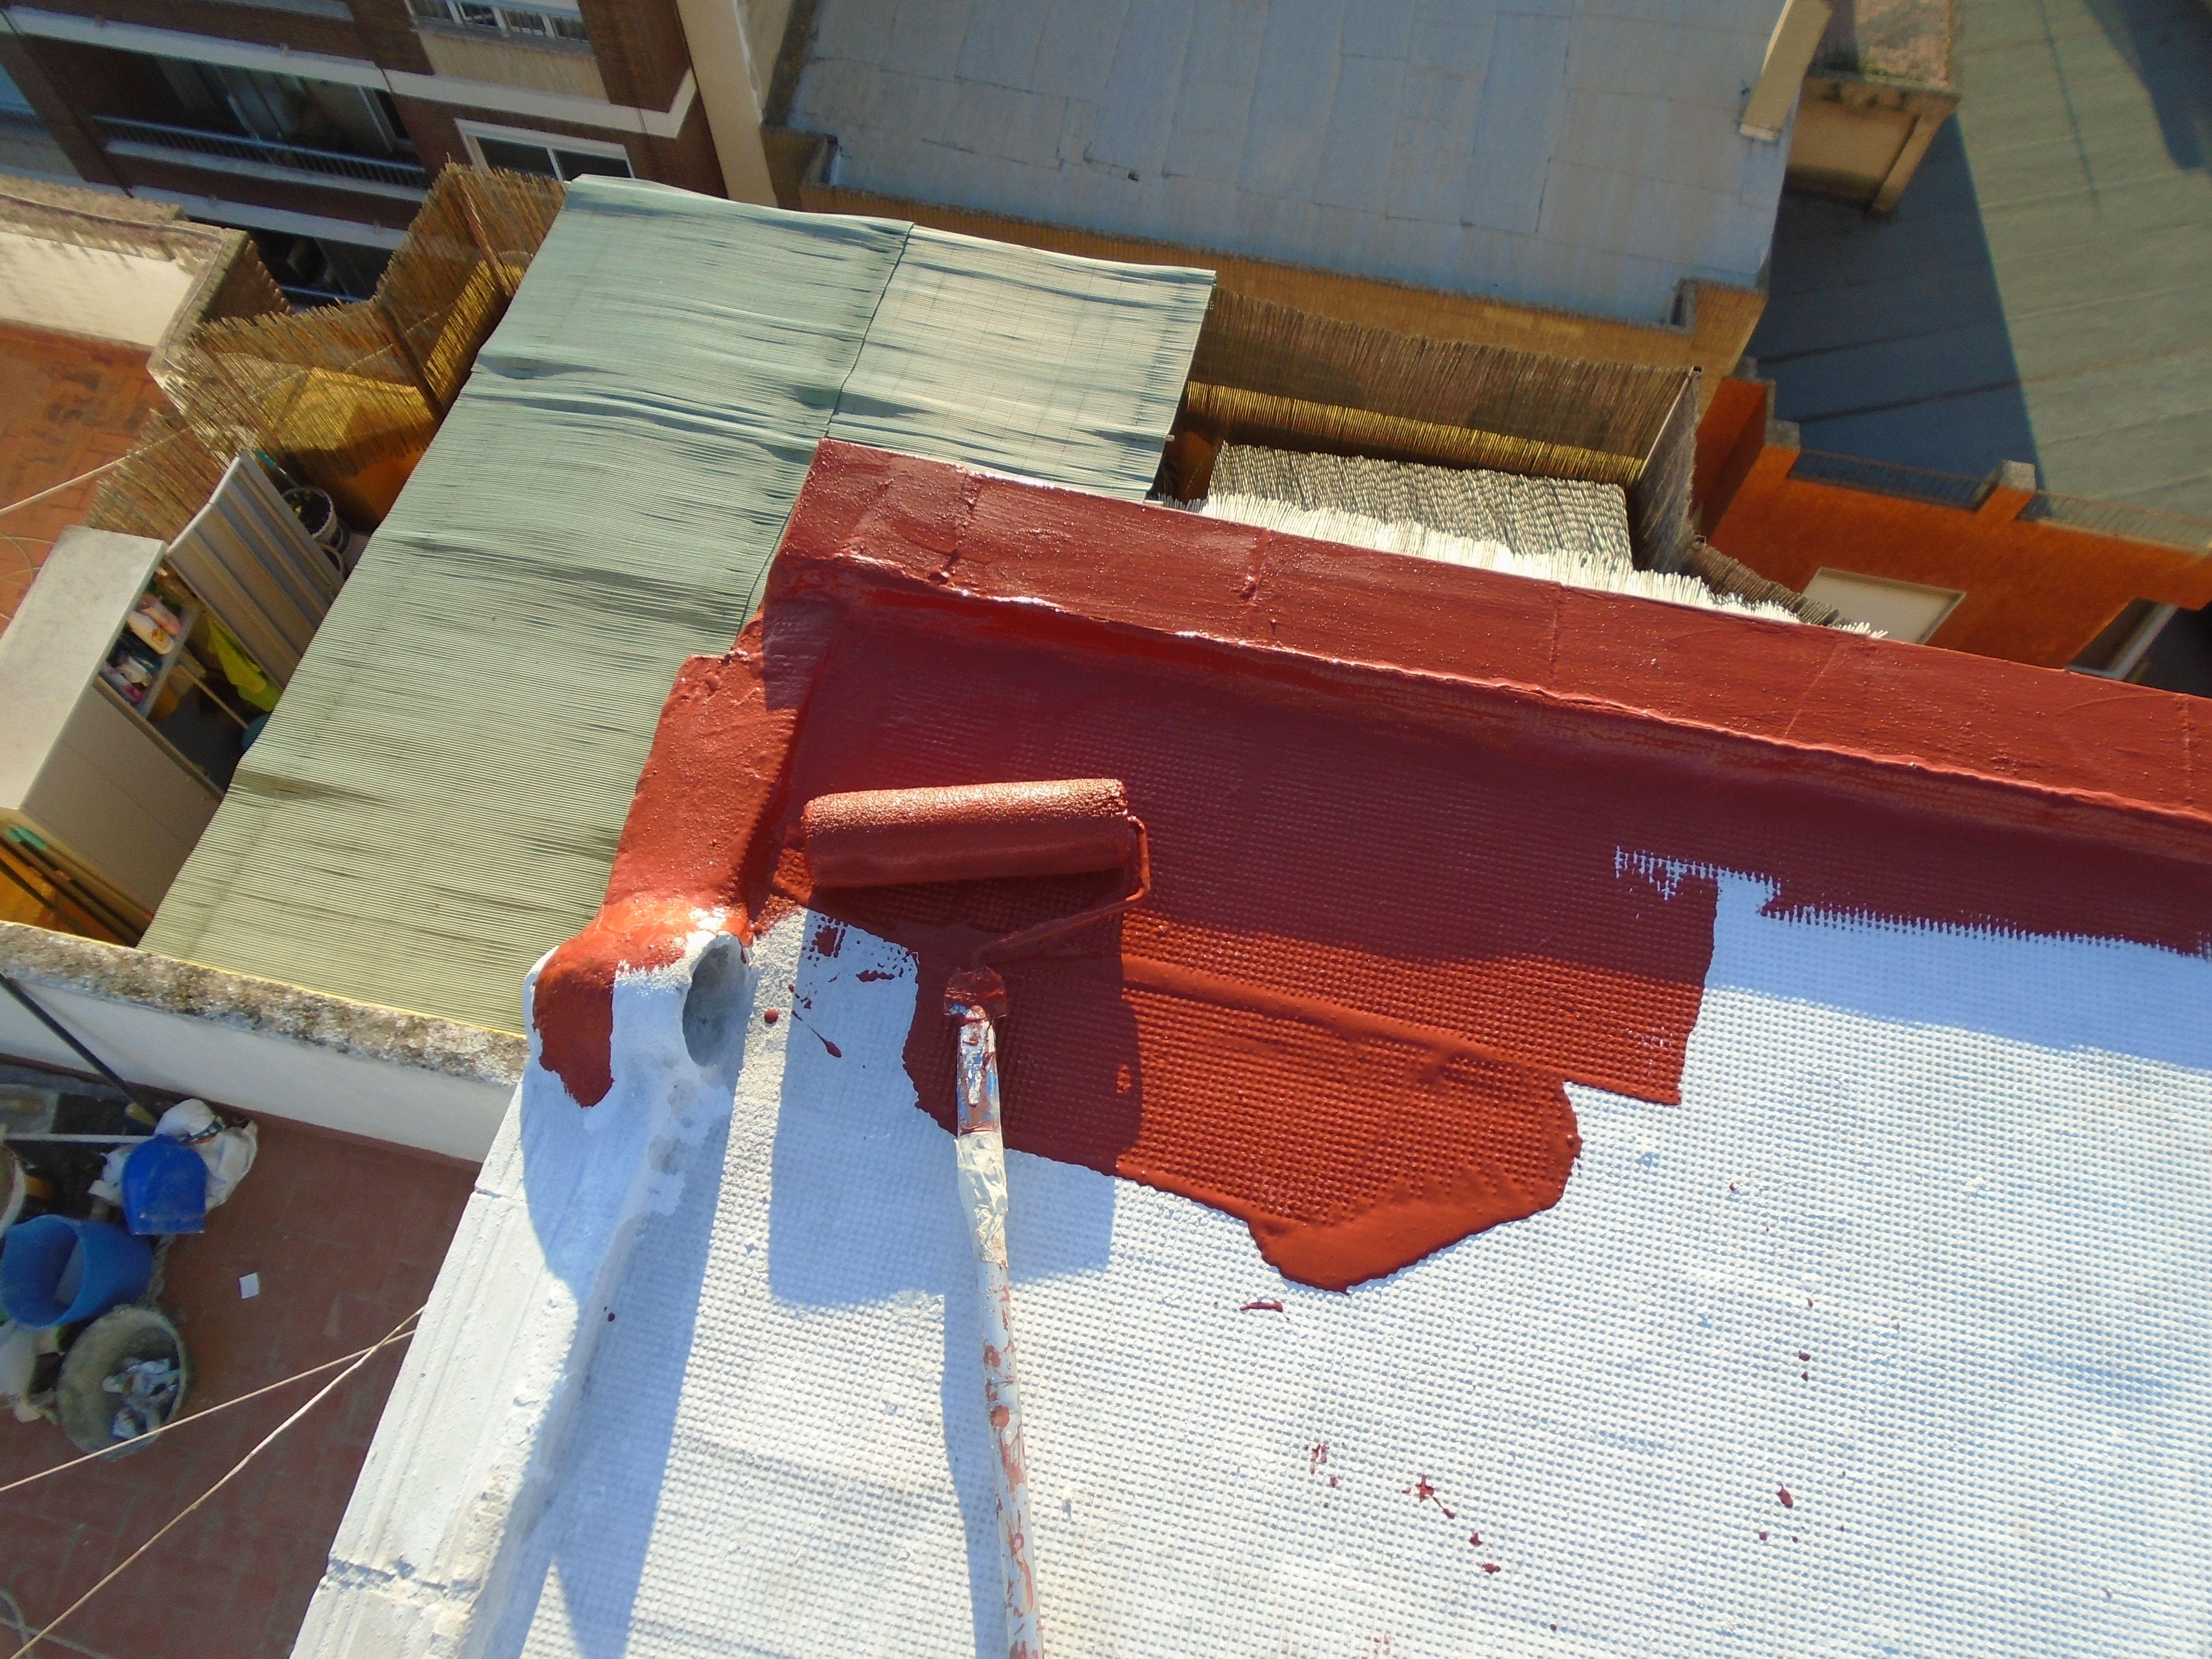 Impermeabilizacion De Terrazas En Valencia Mediante Trabajos Verticales Www Solvertvalencia Com En 2020 Terrazas Tela Asfaltica Pintura Impermeabilizante